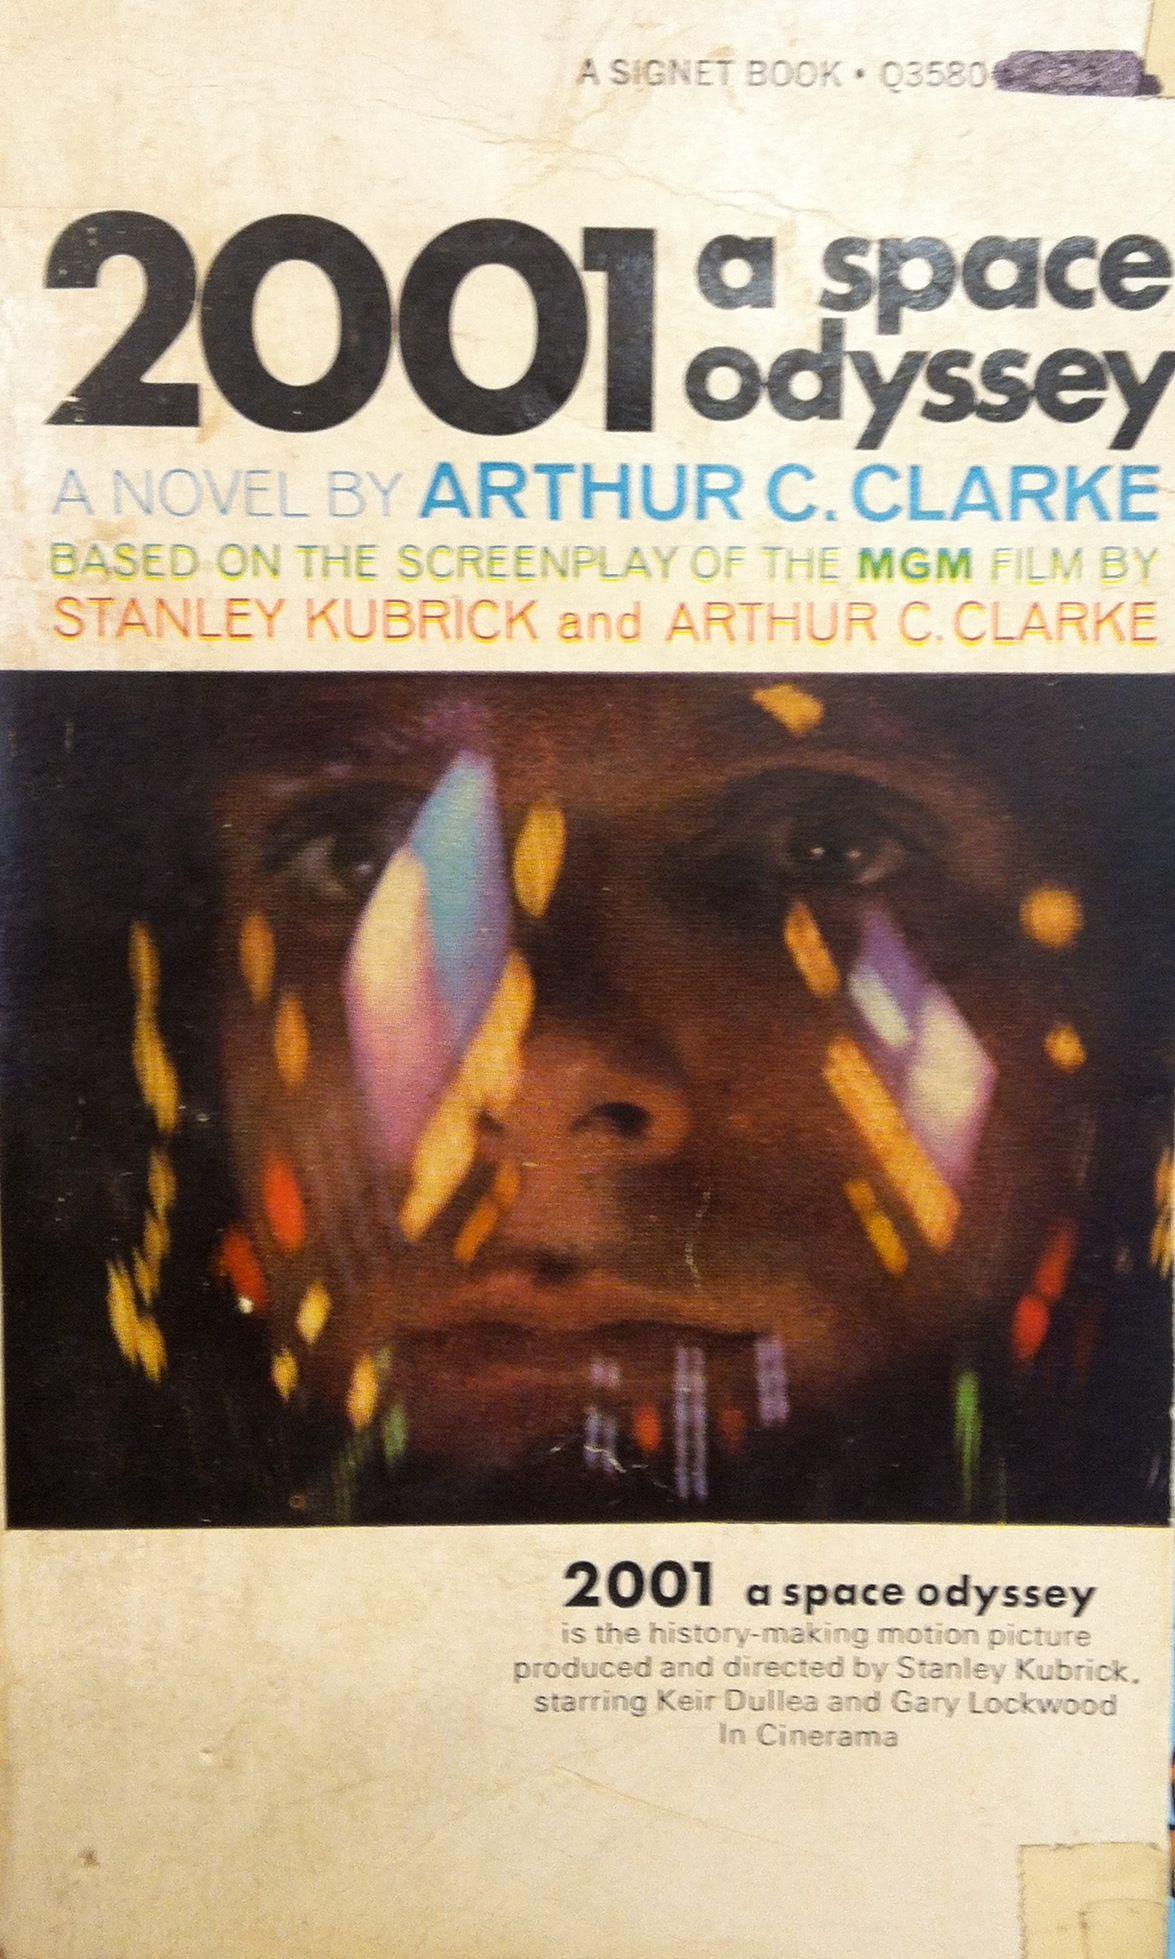 2001: A Space Odyssey novelization by Arthur C. Clarke